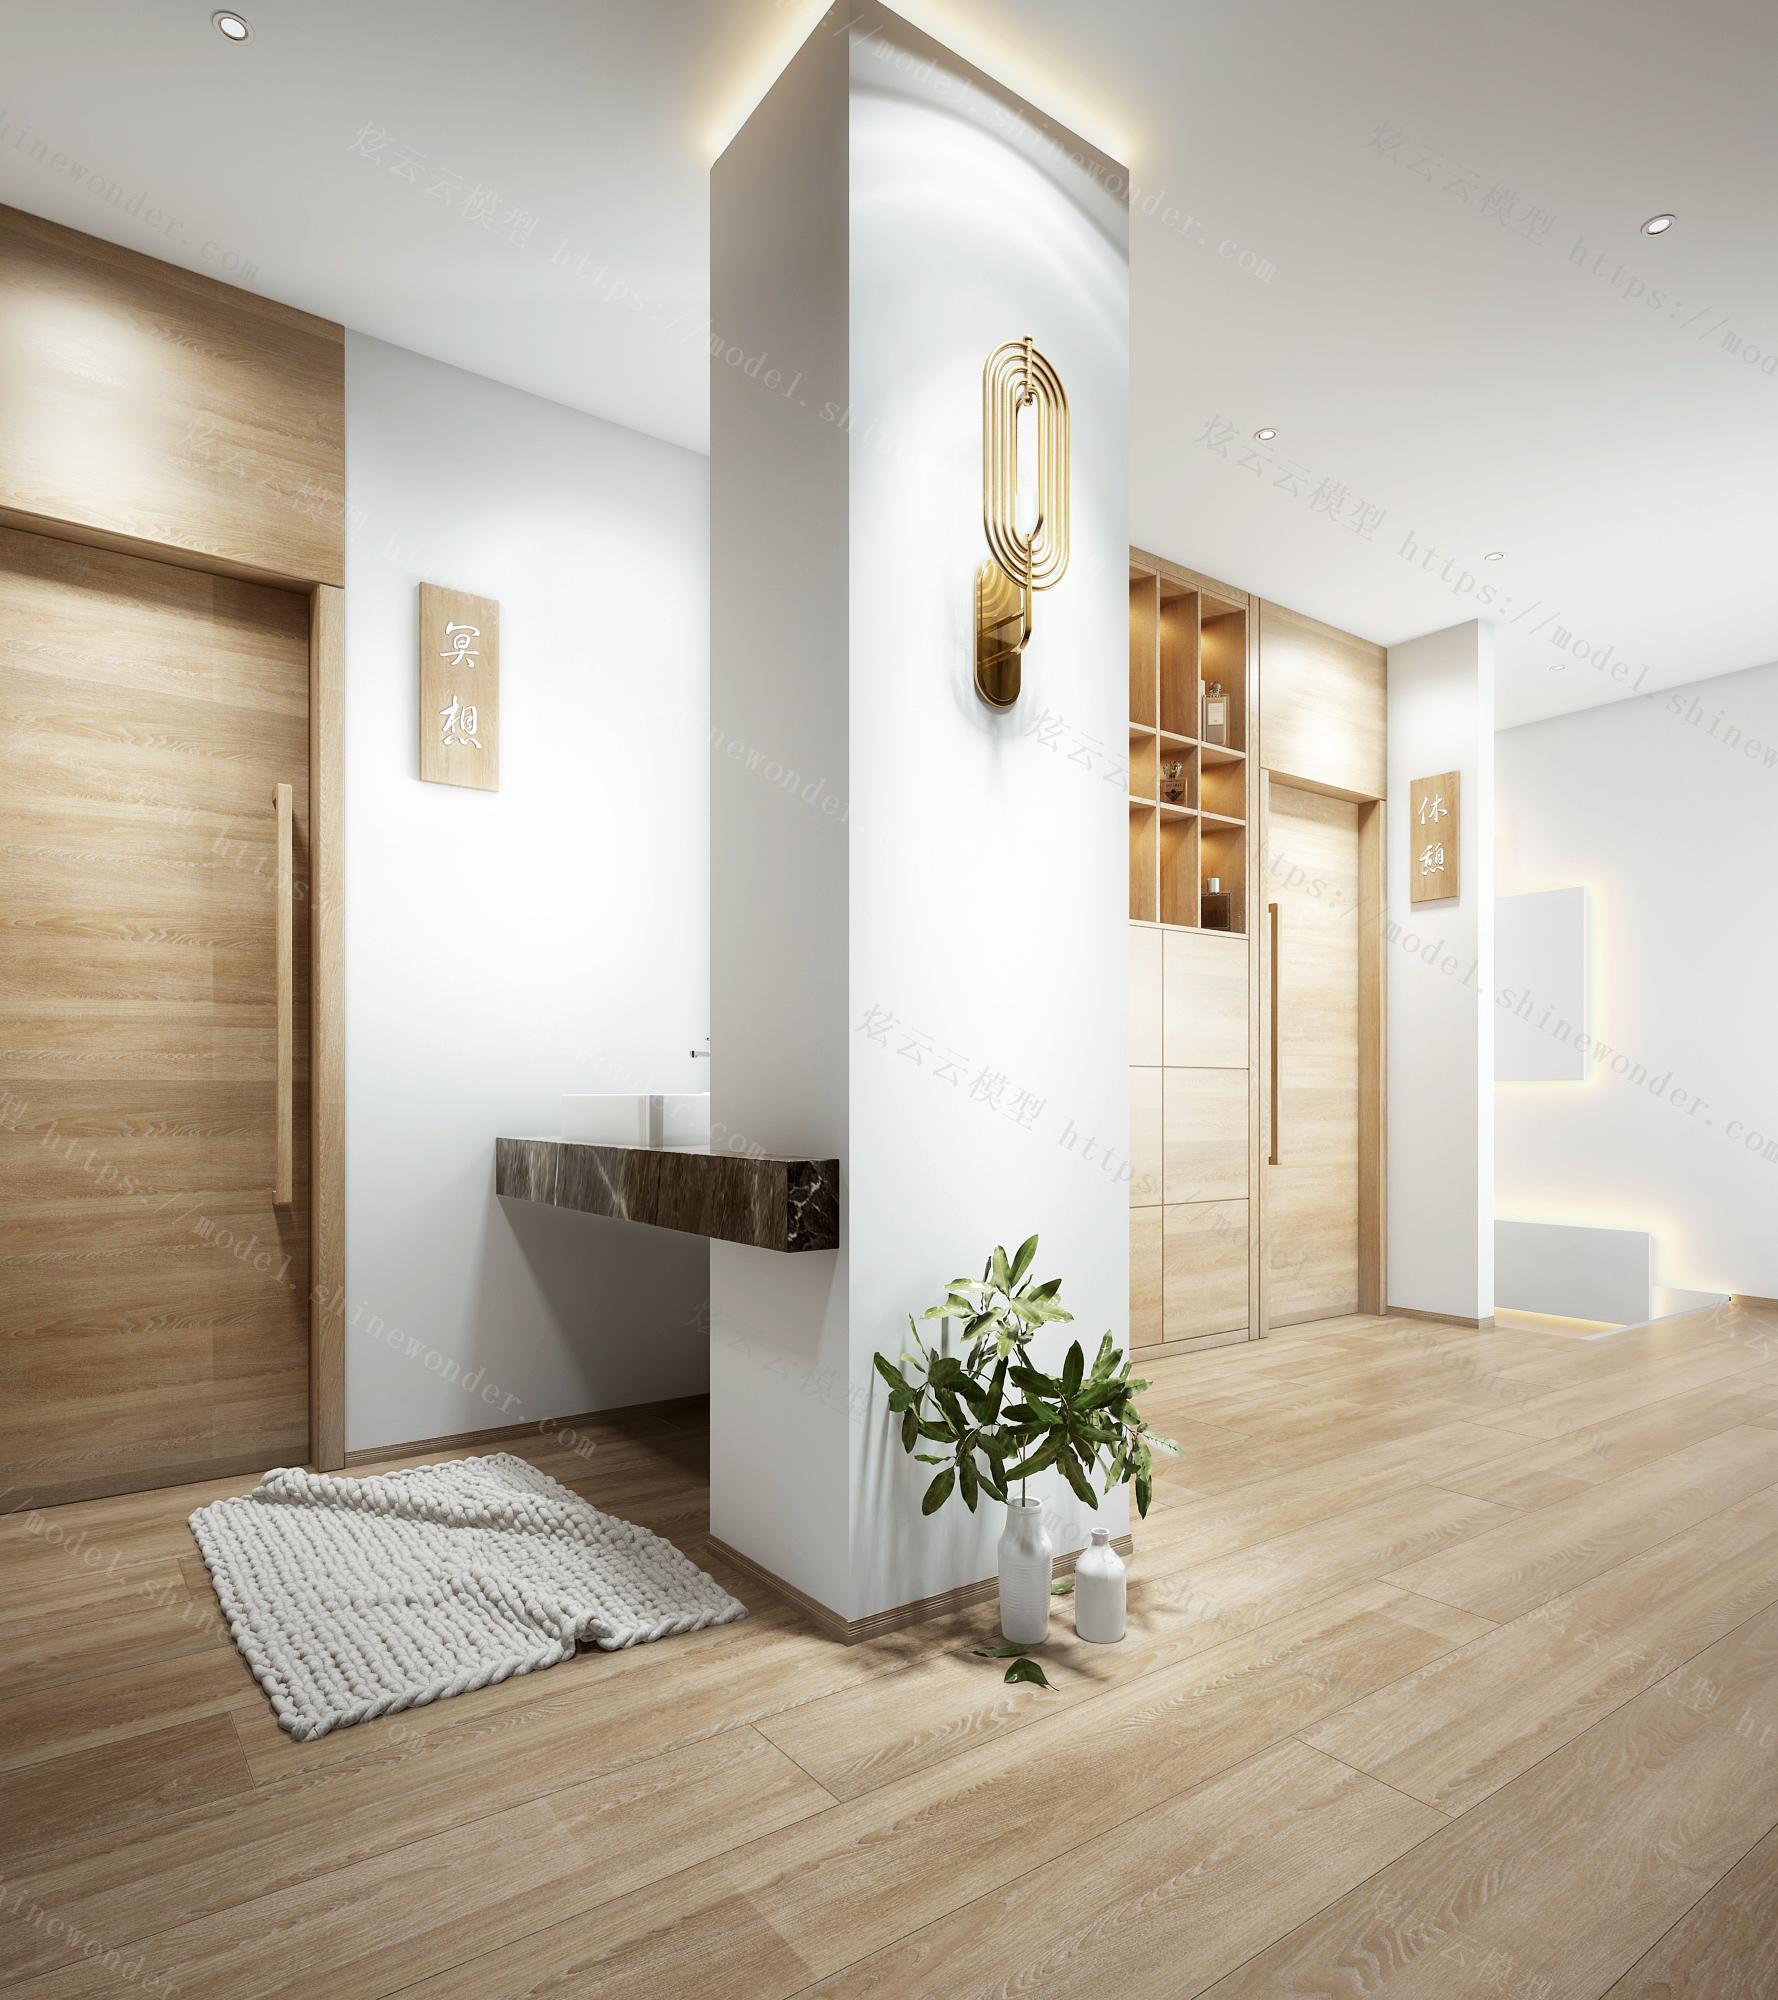 日式美容美甲门厅过道模型